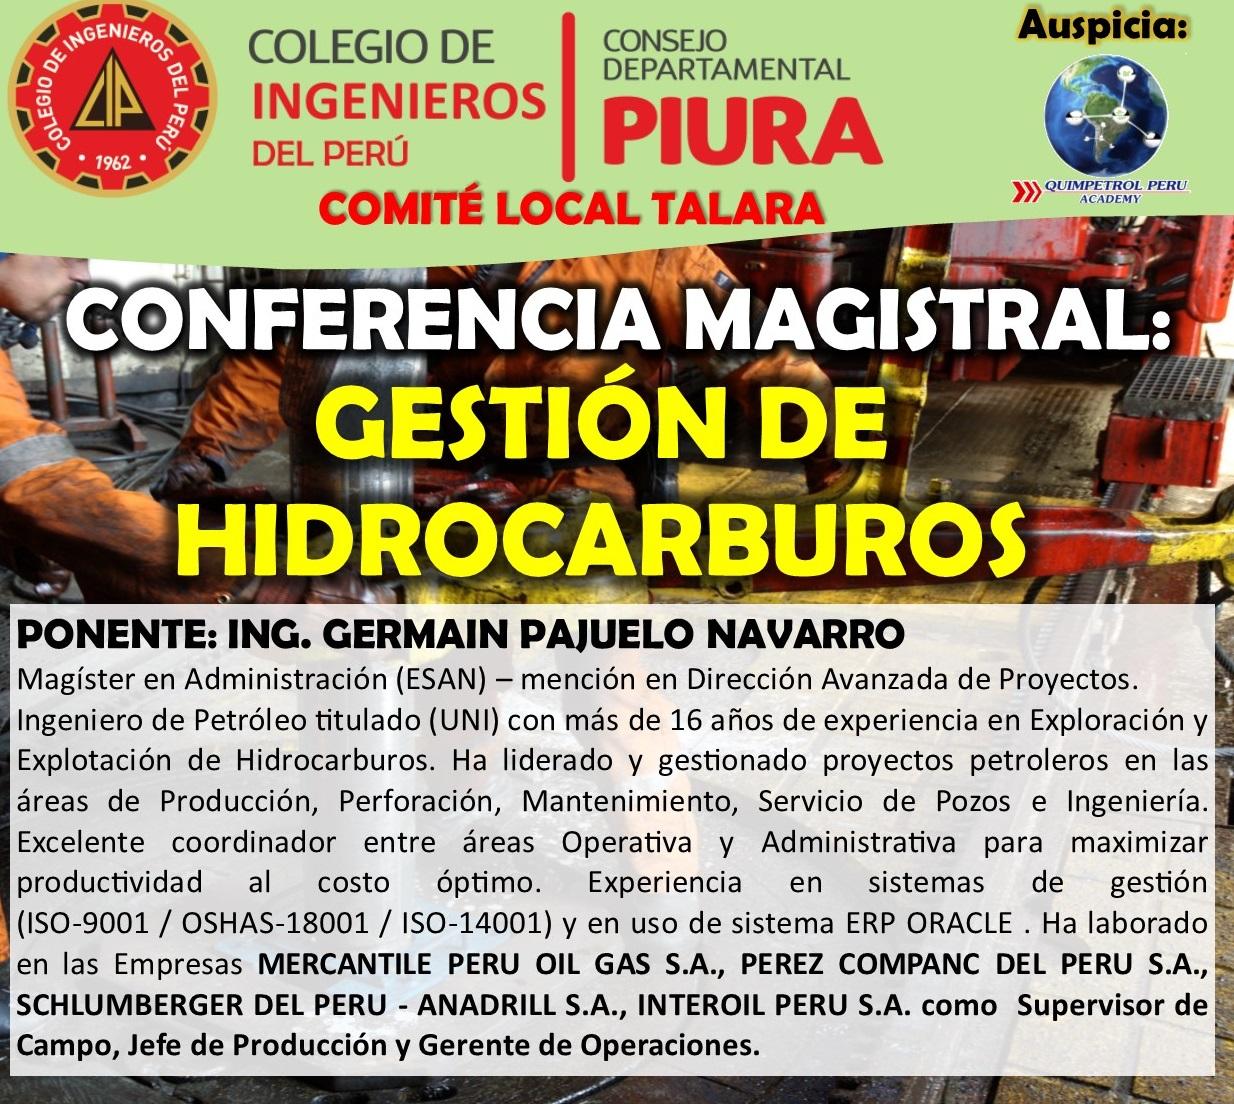 Conferencia Magistral: Gestión de Hidrocarburos